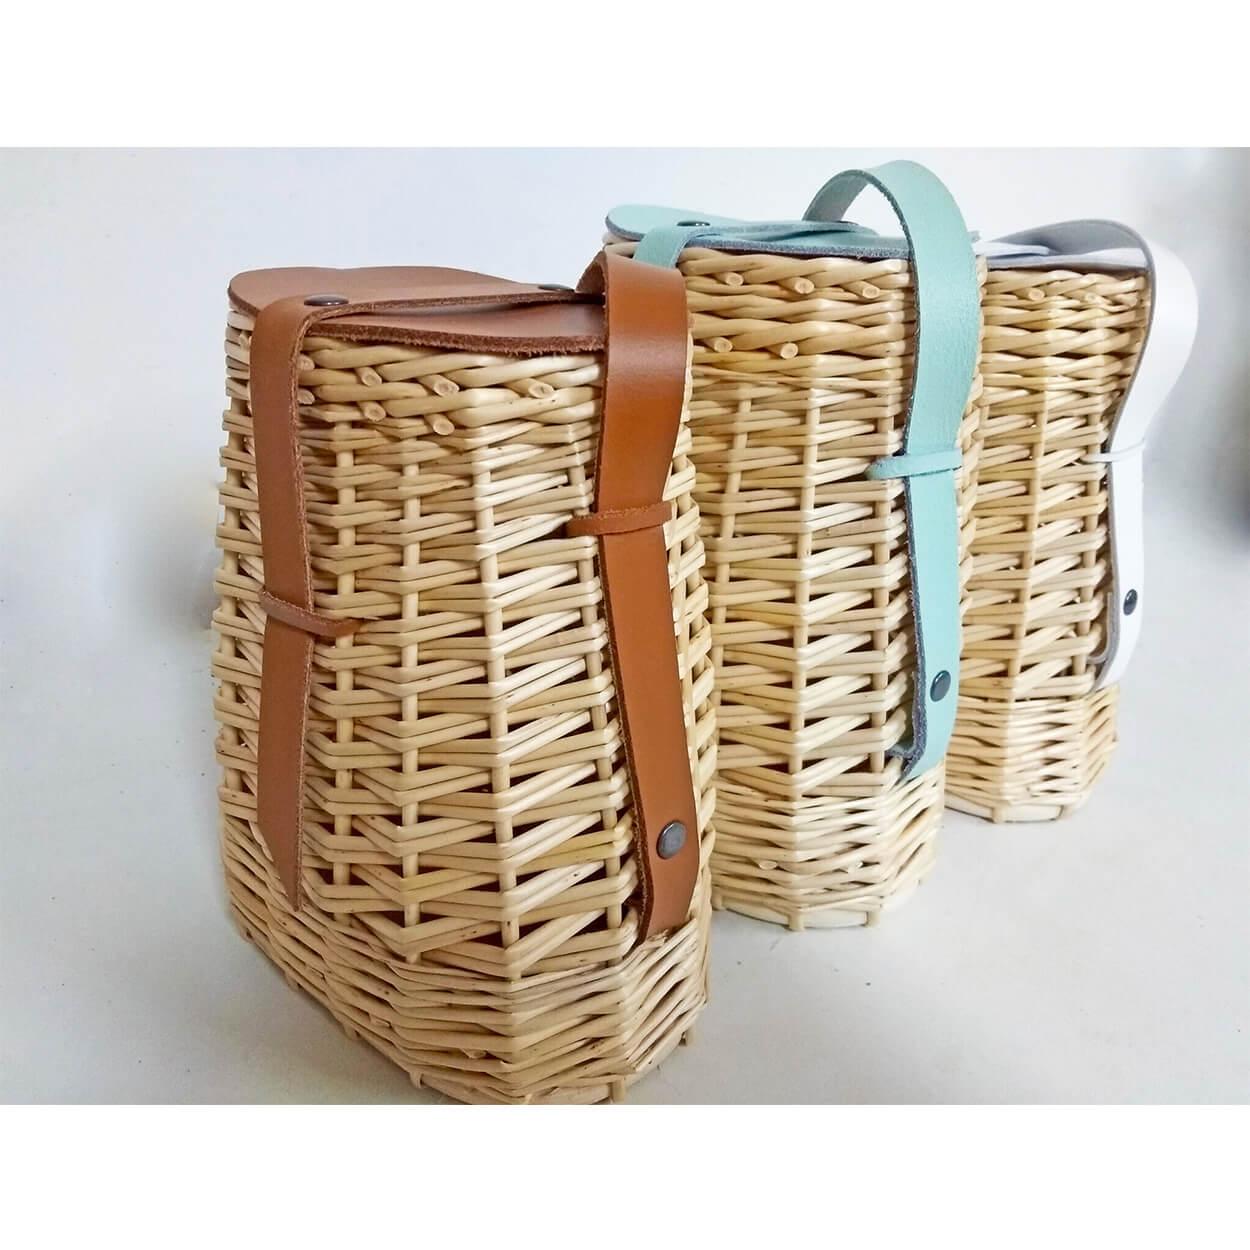 Ce sac est en osier blanc avec rabat en cuir. Bandoulière en cuir réglable.